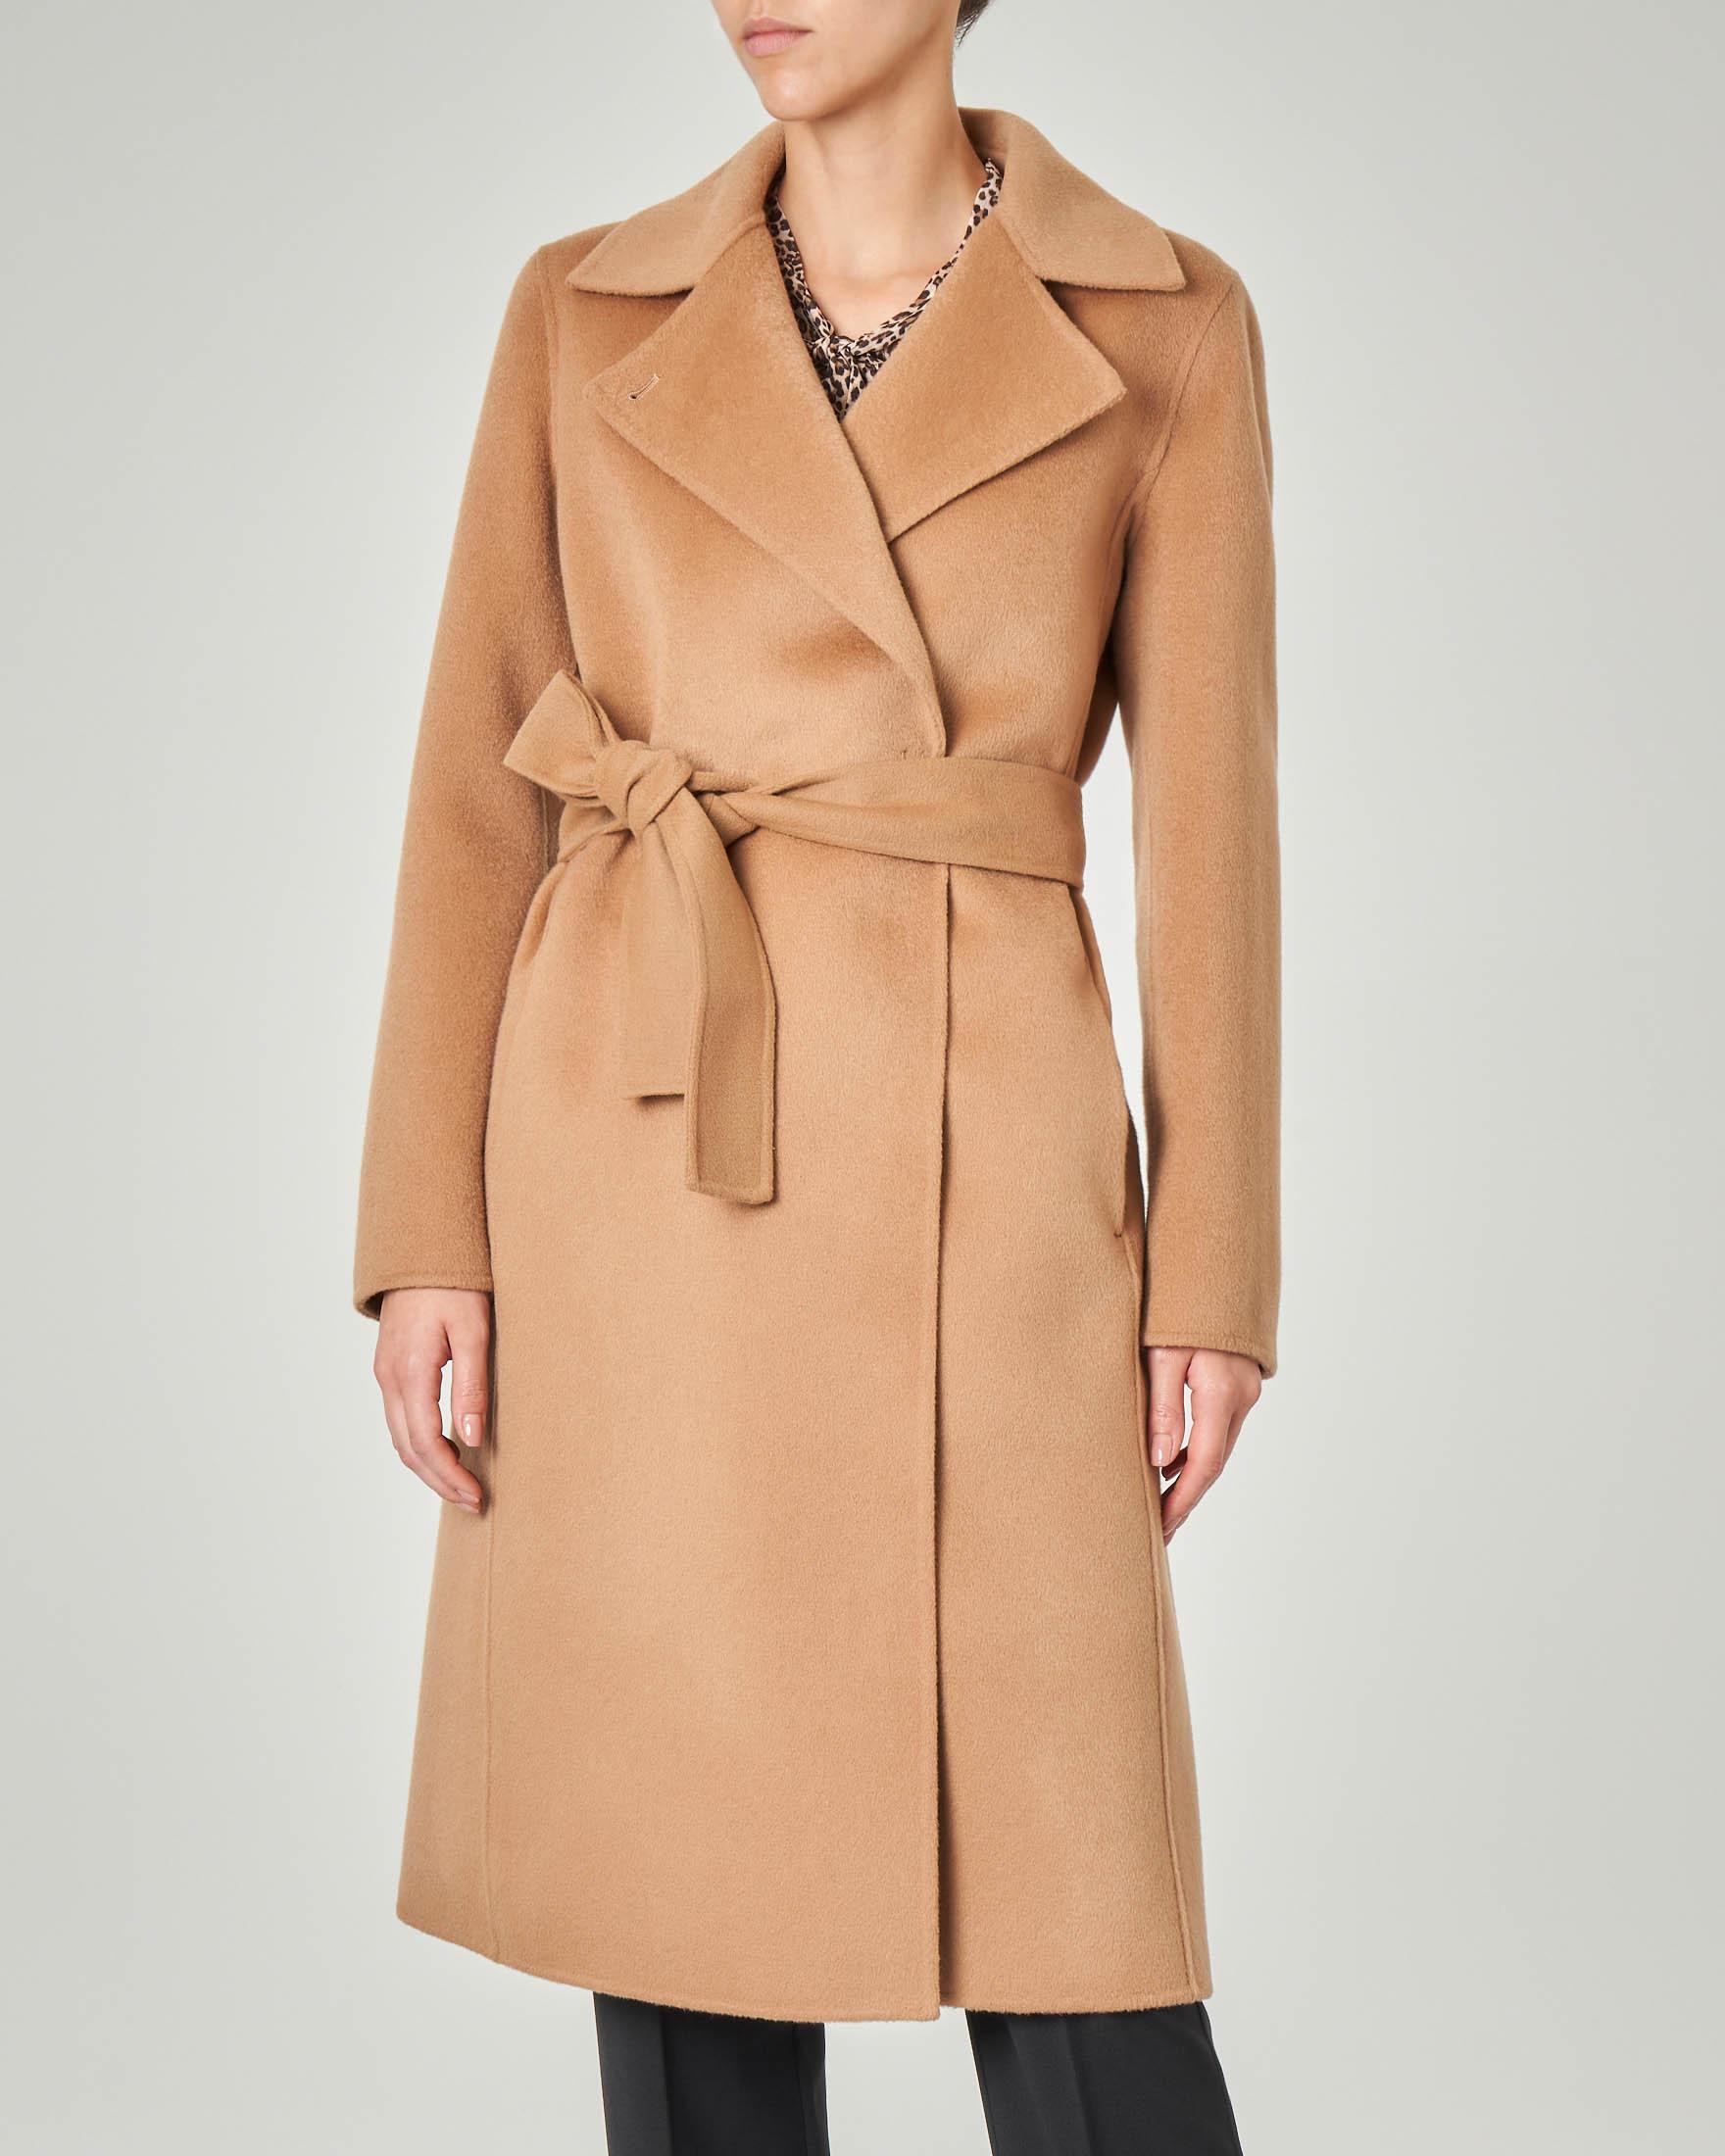 Cappotto cammello in panno di lana con collo a rever e cintura